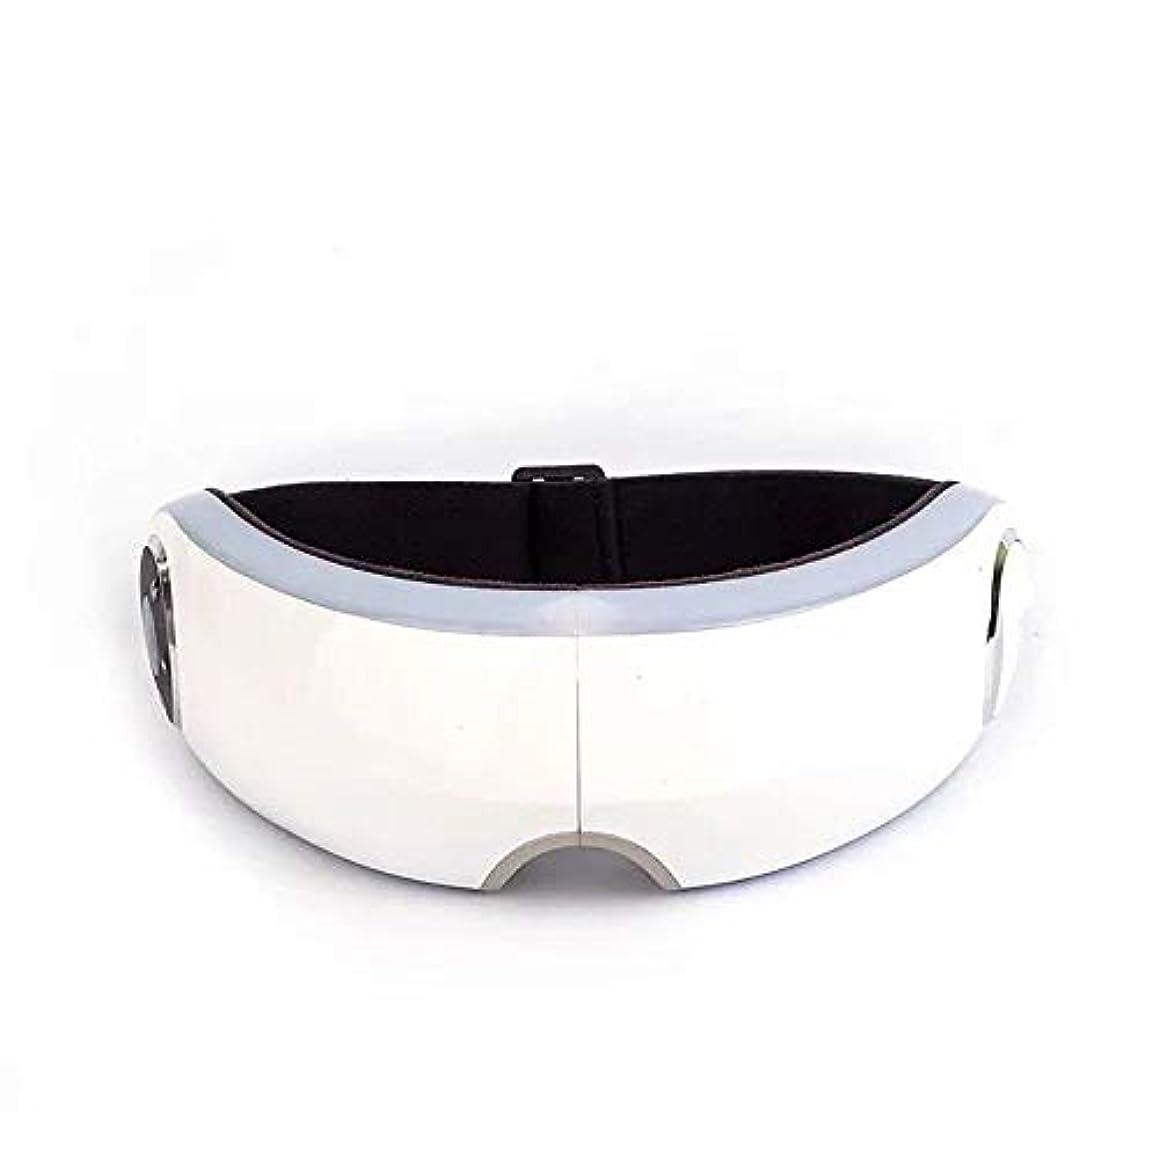 欠如勢い消毒剤Vc 女性のファッションアイマッサージャー充電式アイプロテクタービジョントレーナー高品質アイプロテクタースマートマッサージャー 品質保証